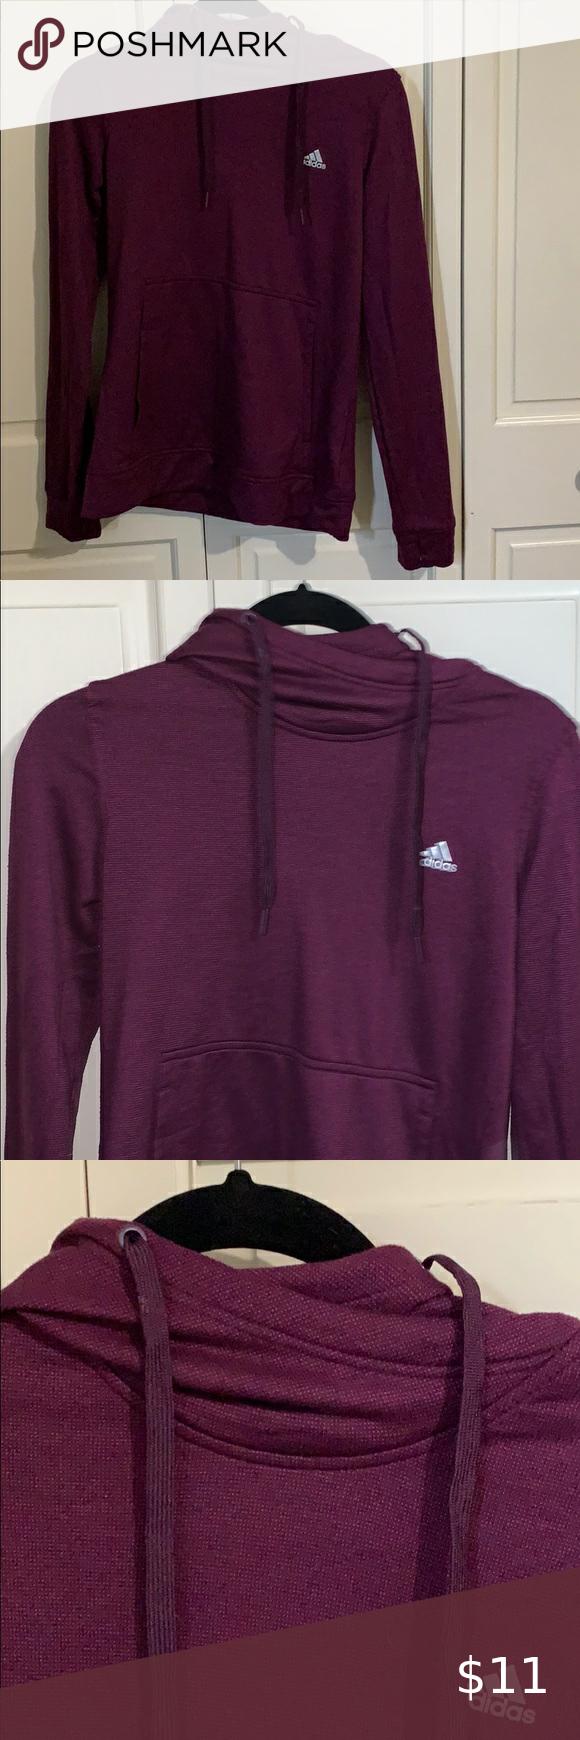 Adidas Hoodie Adidas Hoodie Sweatshirts Hoodie Hoodies [ 1740 x 580 Pixel ]